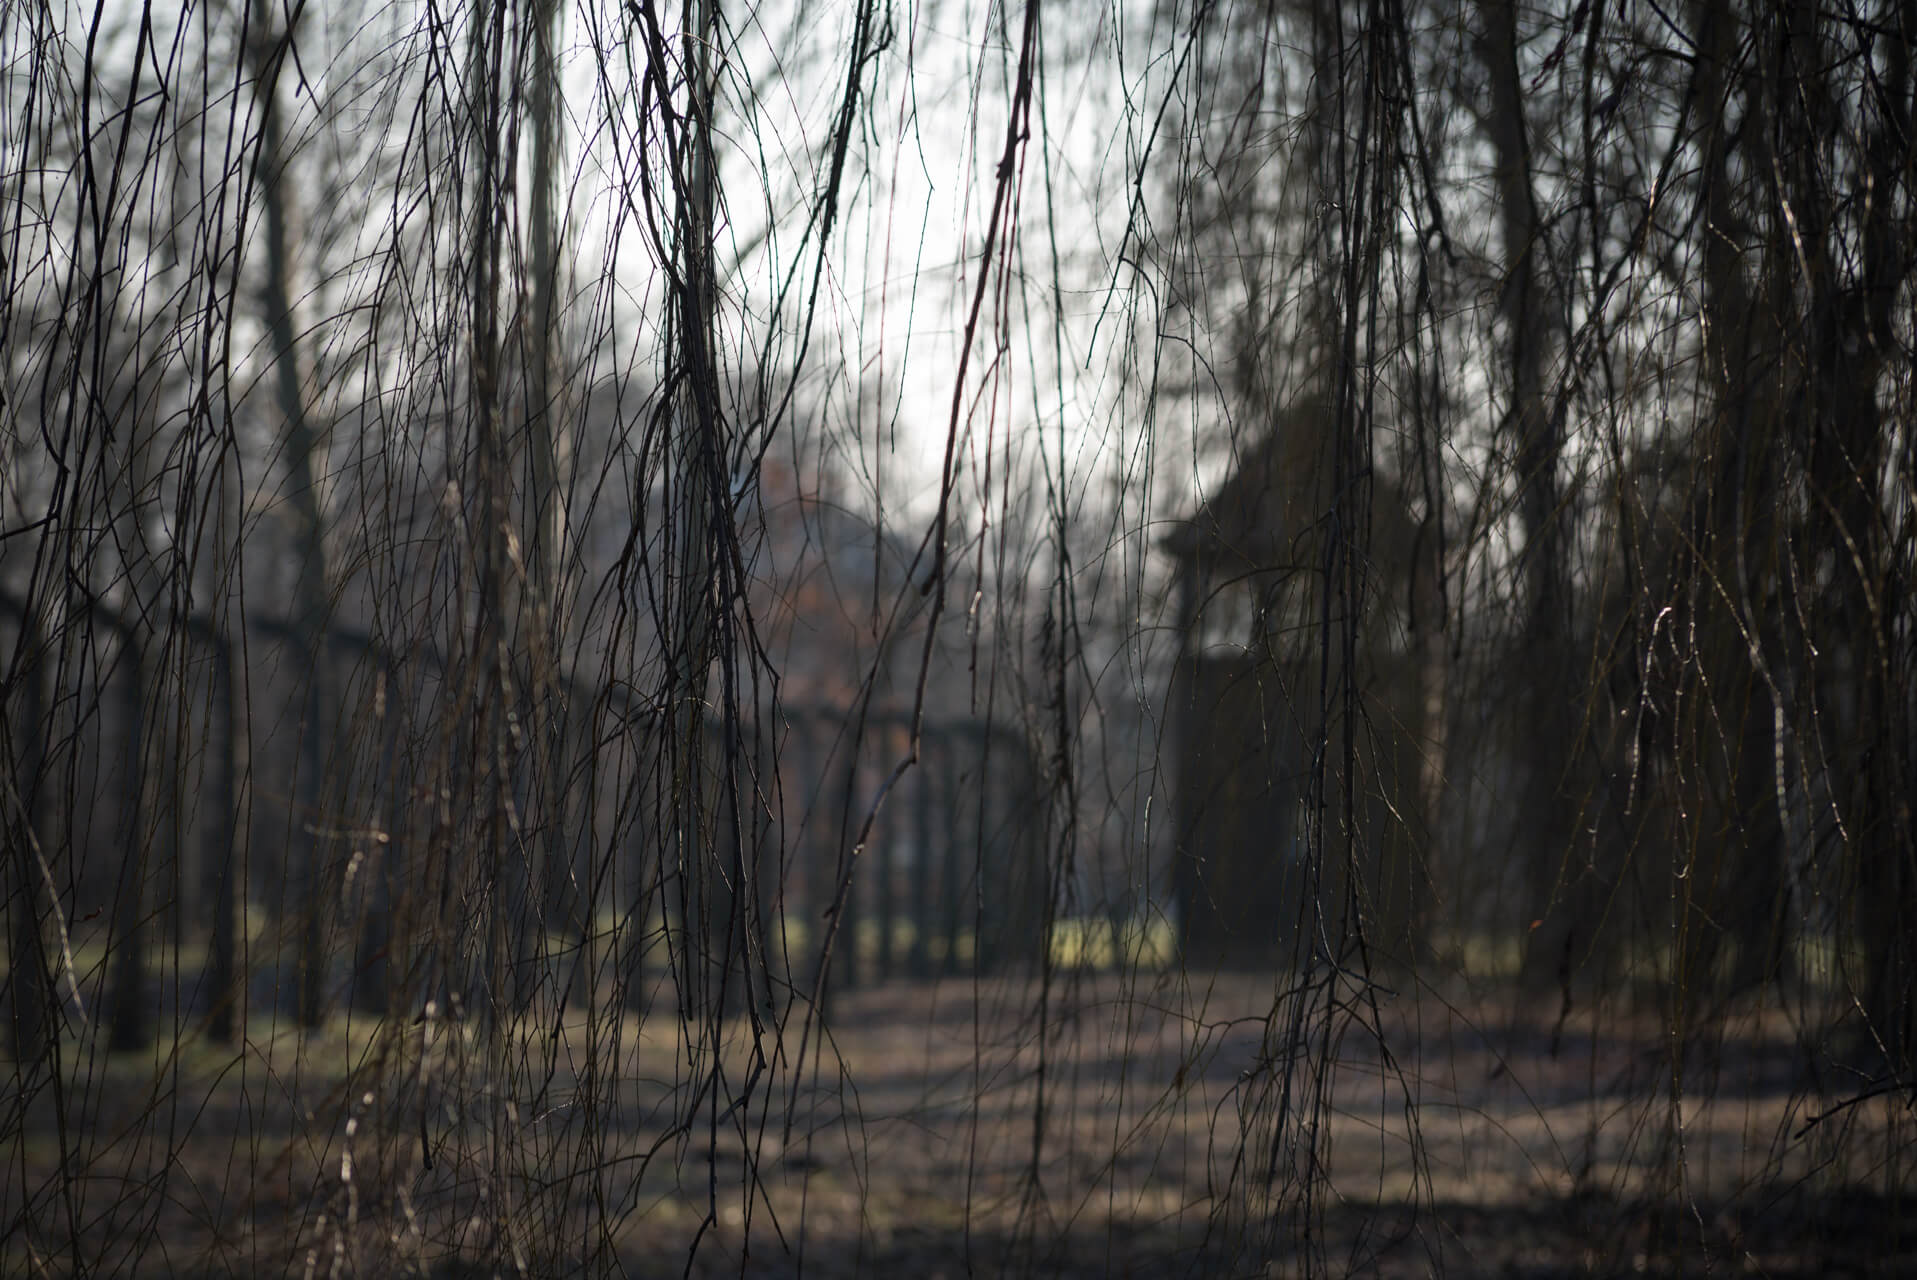 Konzentrations- und Vernichtungslager Auschwitz-Birkenau; Fotograf Steffen Lohse